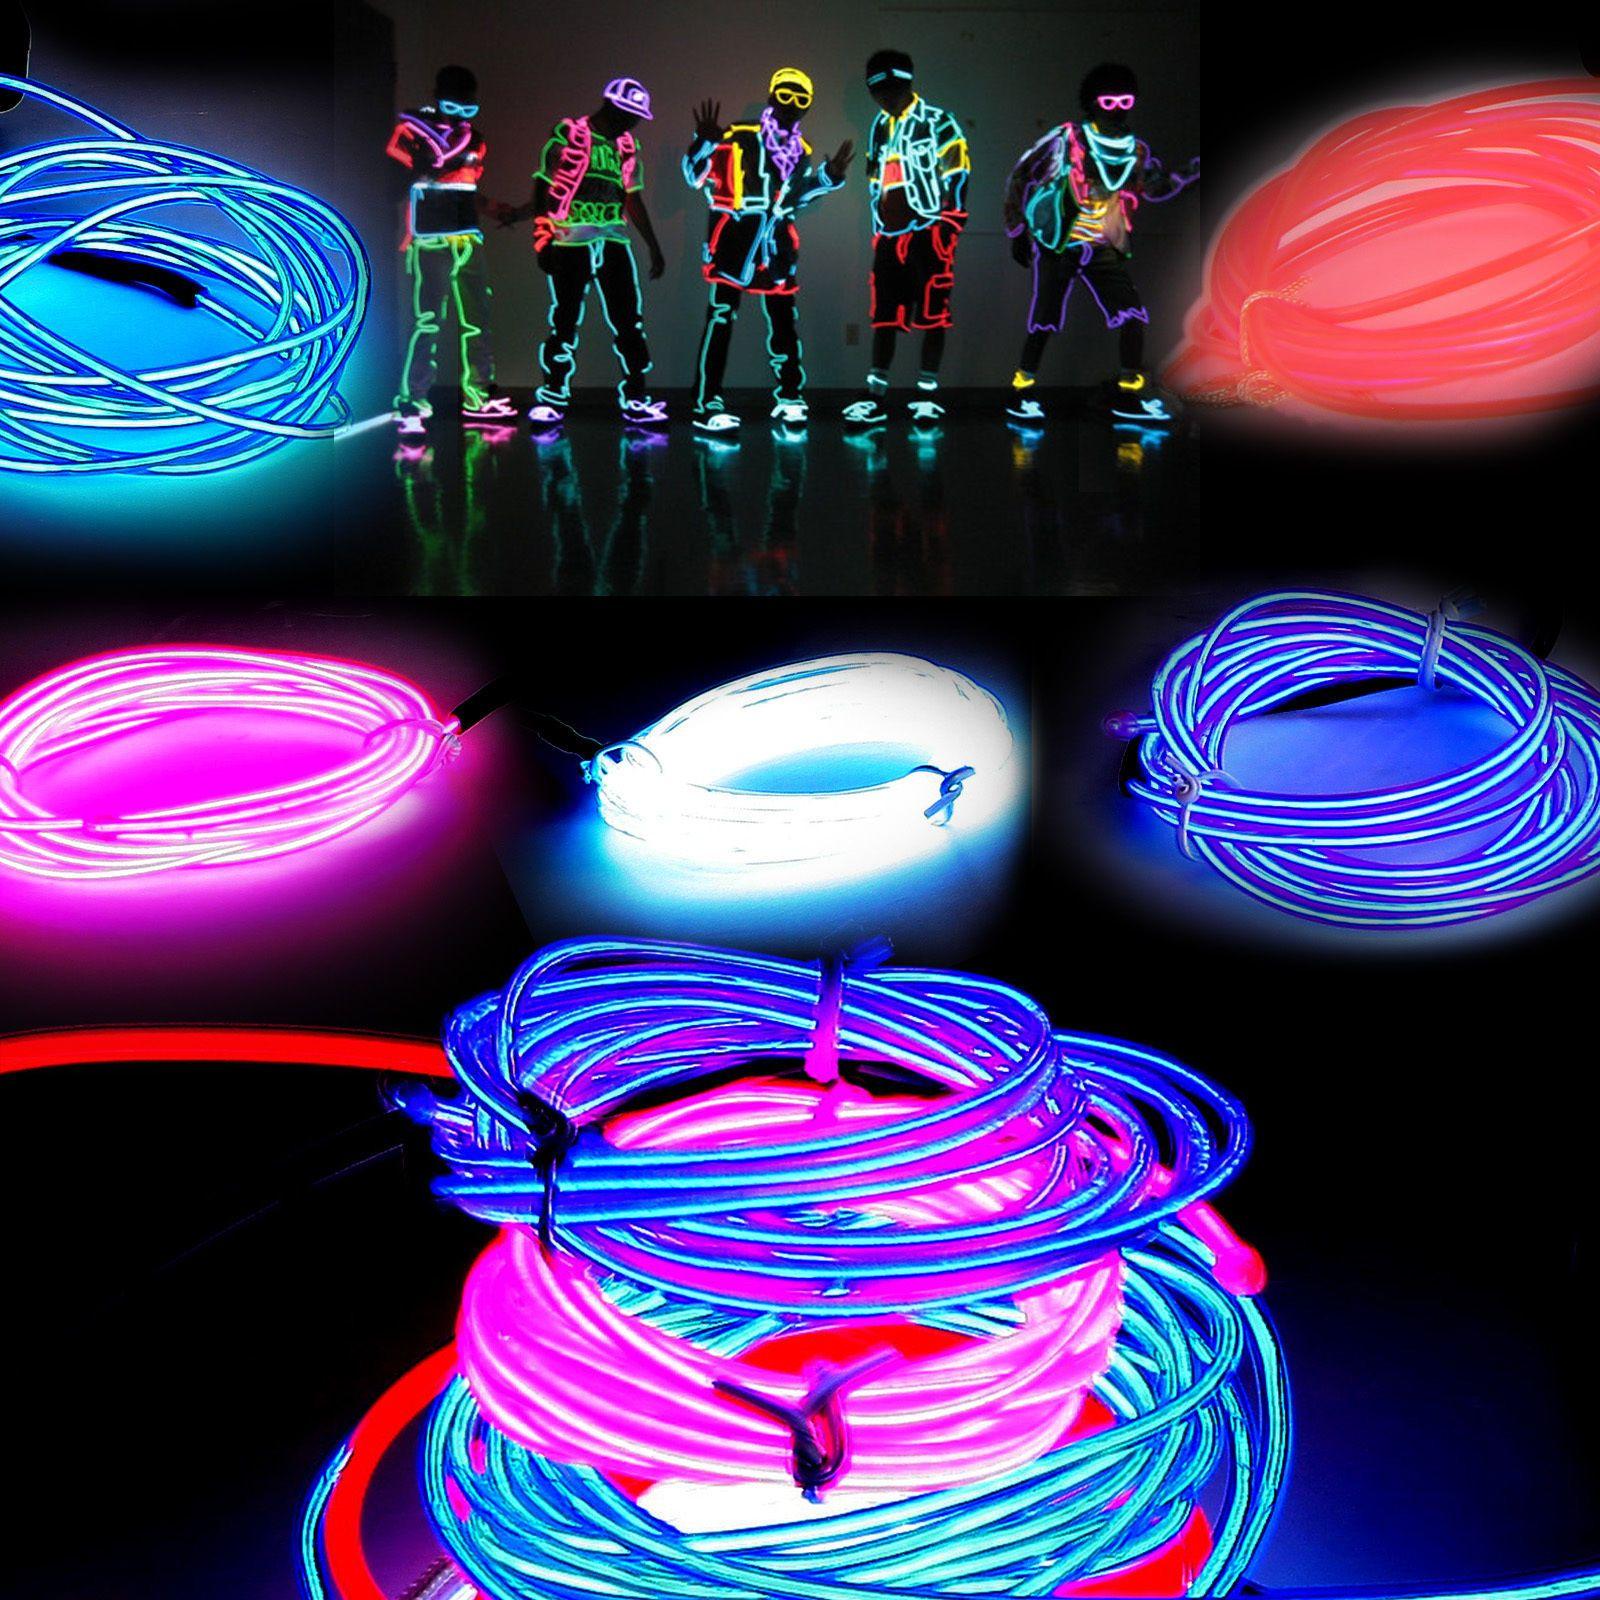 3M Flexible Neon Light Glow EL tubo de cuerda de alambre Flexible Neon Light es Car Dance Party Costume + Controller Navidad Holiday Light